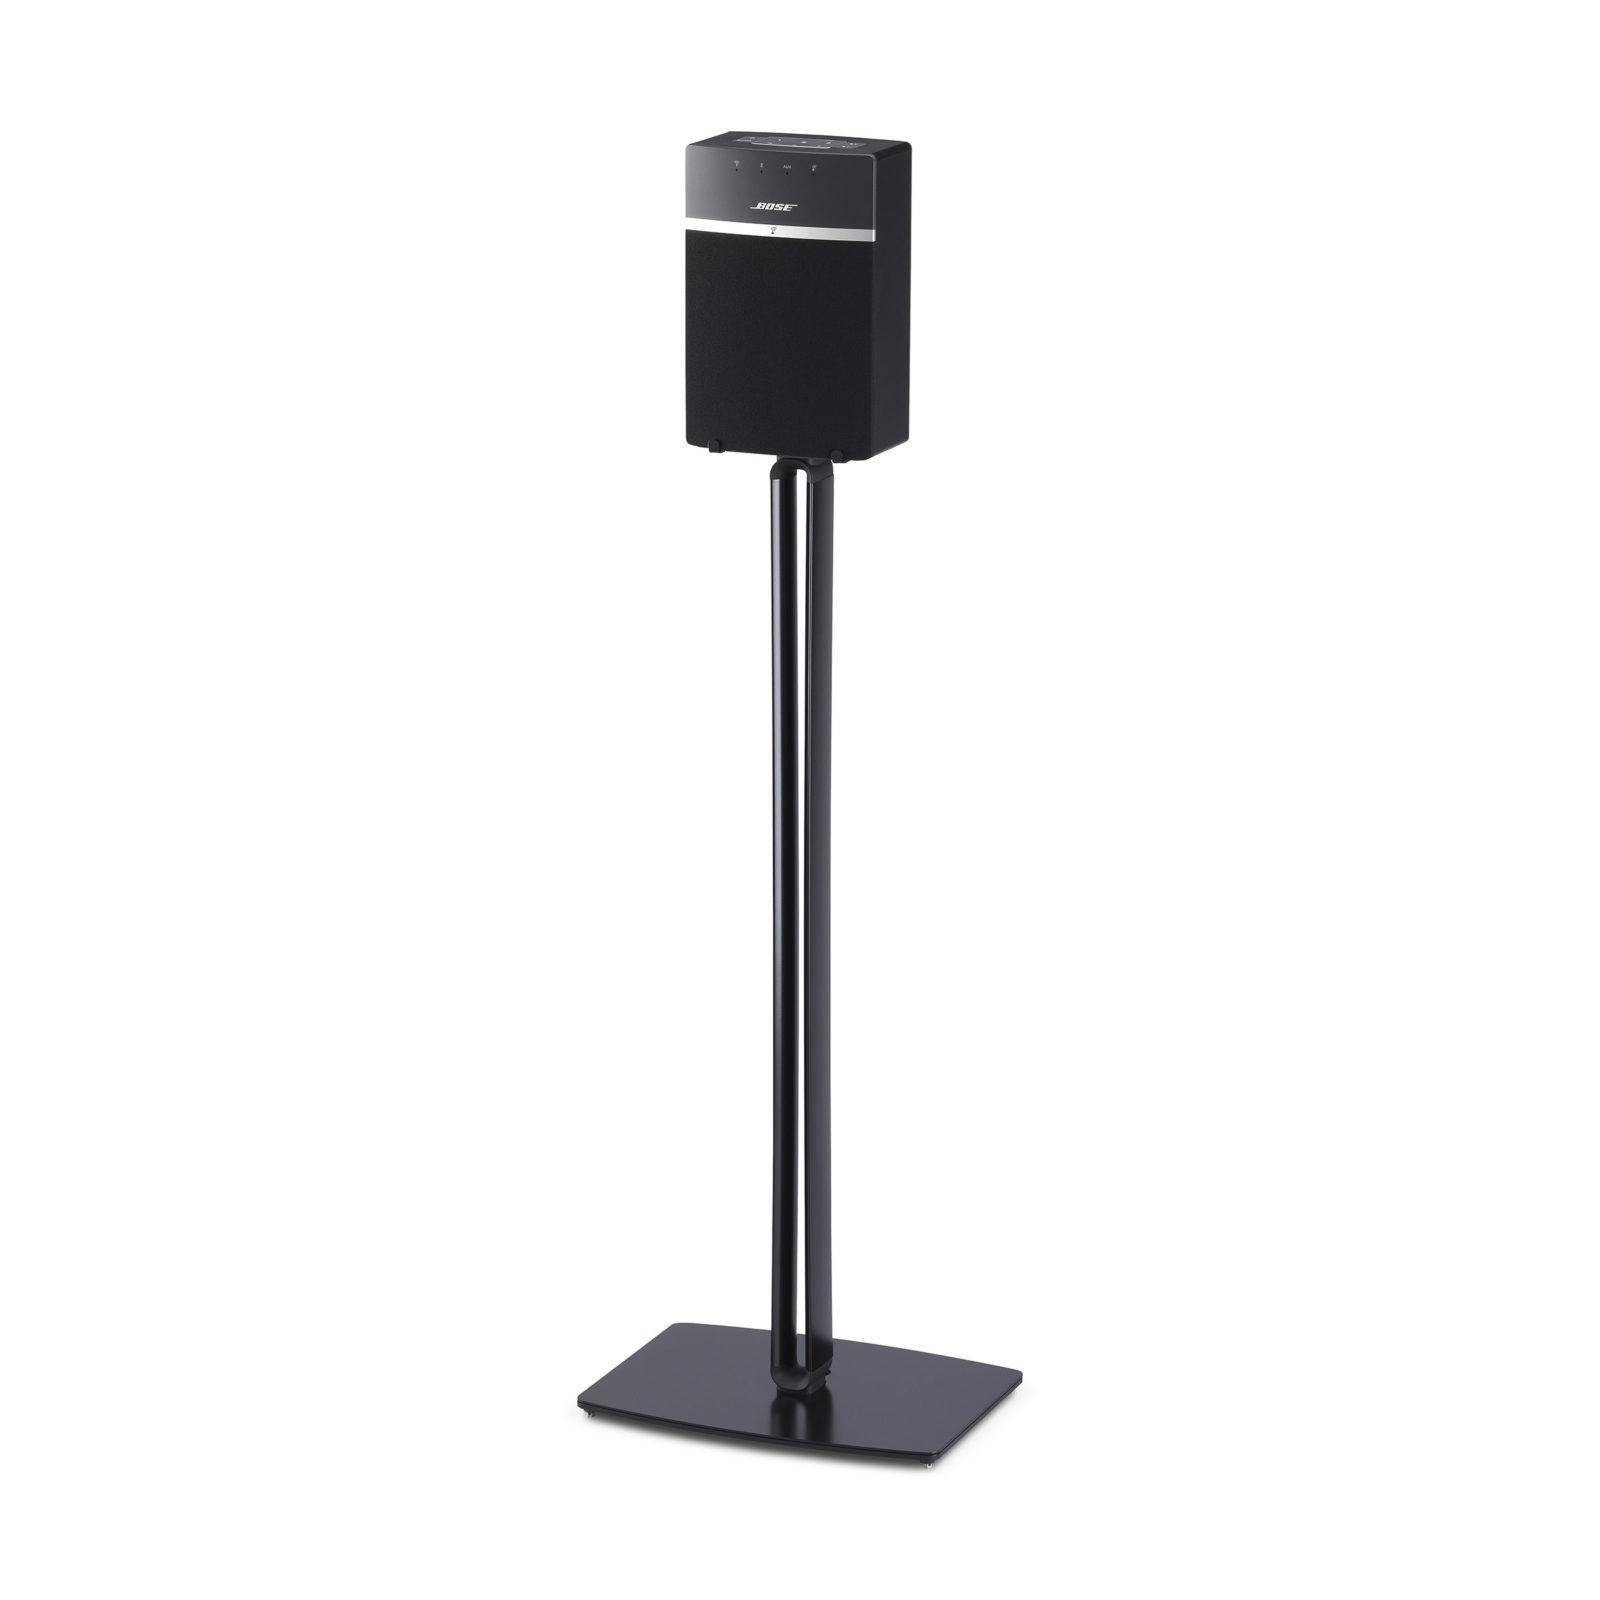 Bose SoundTouch 10 standaard zwart 2